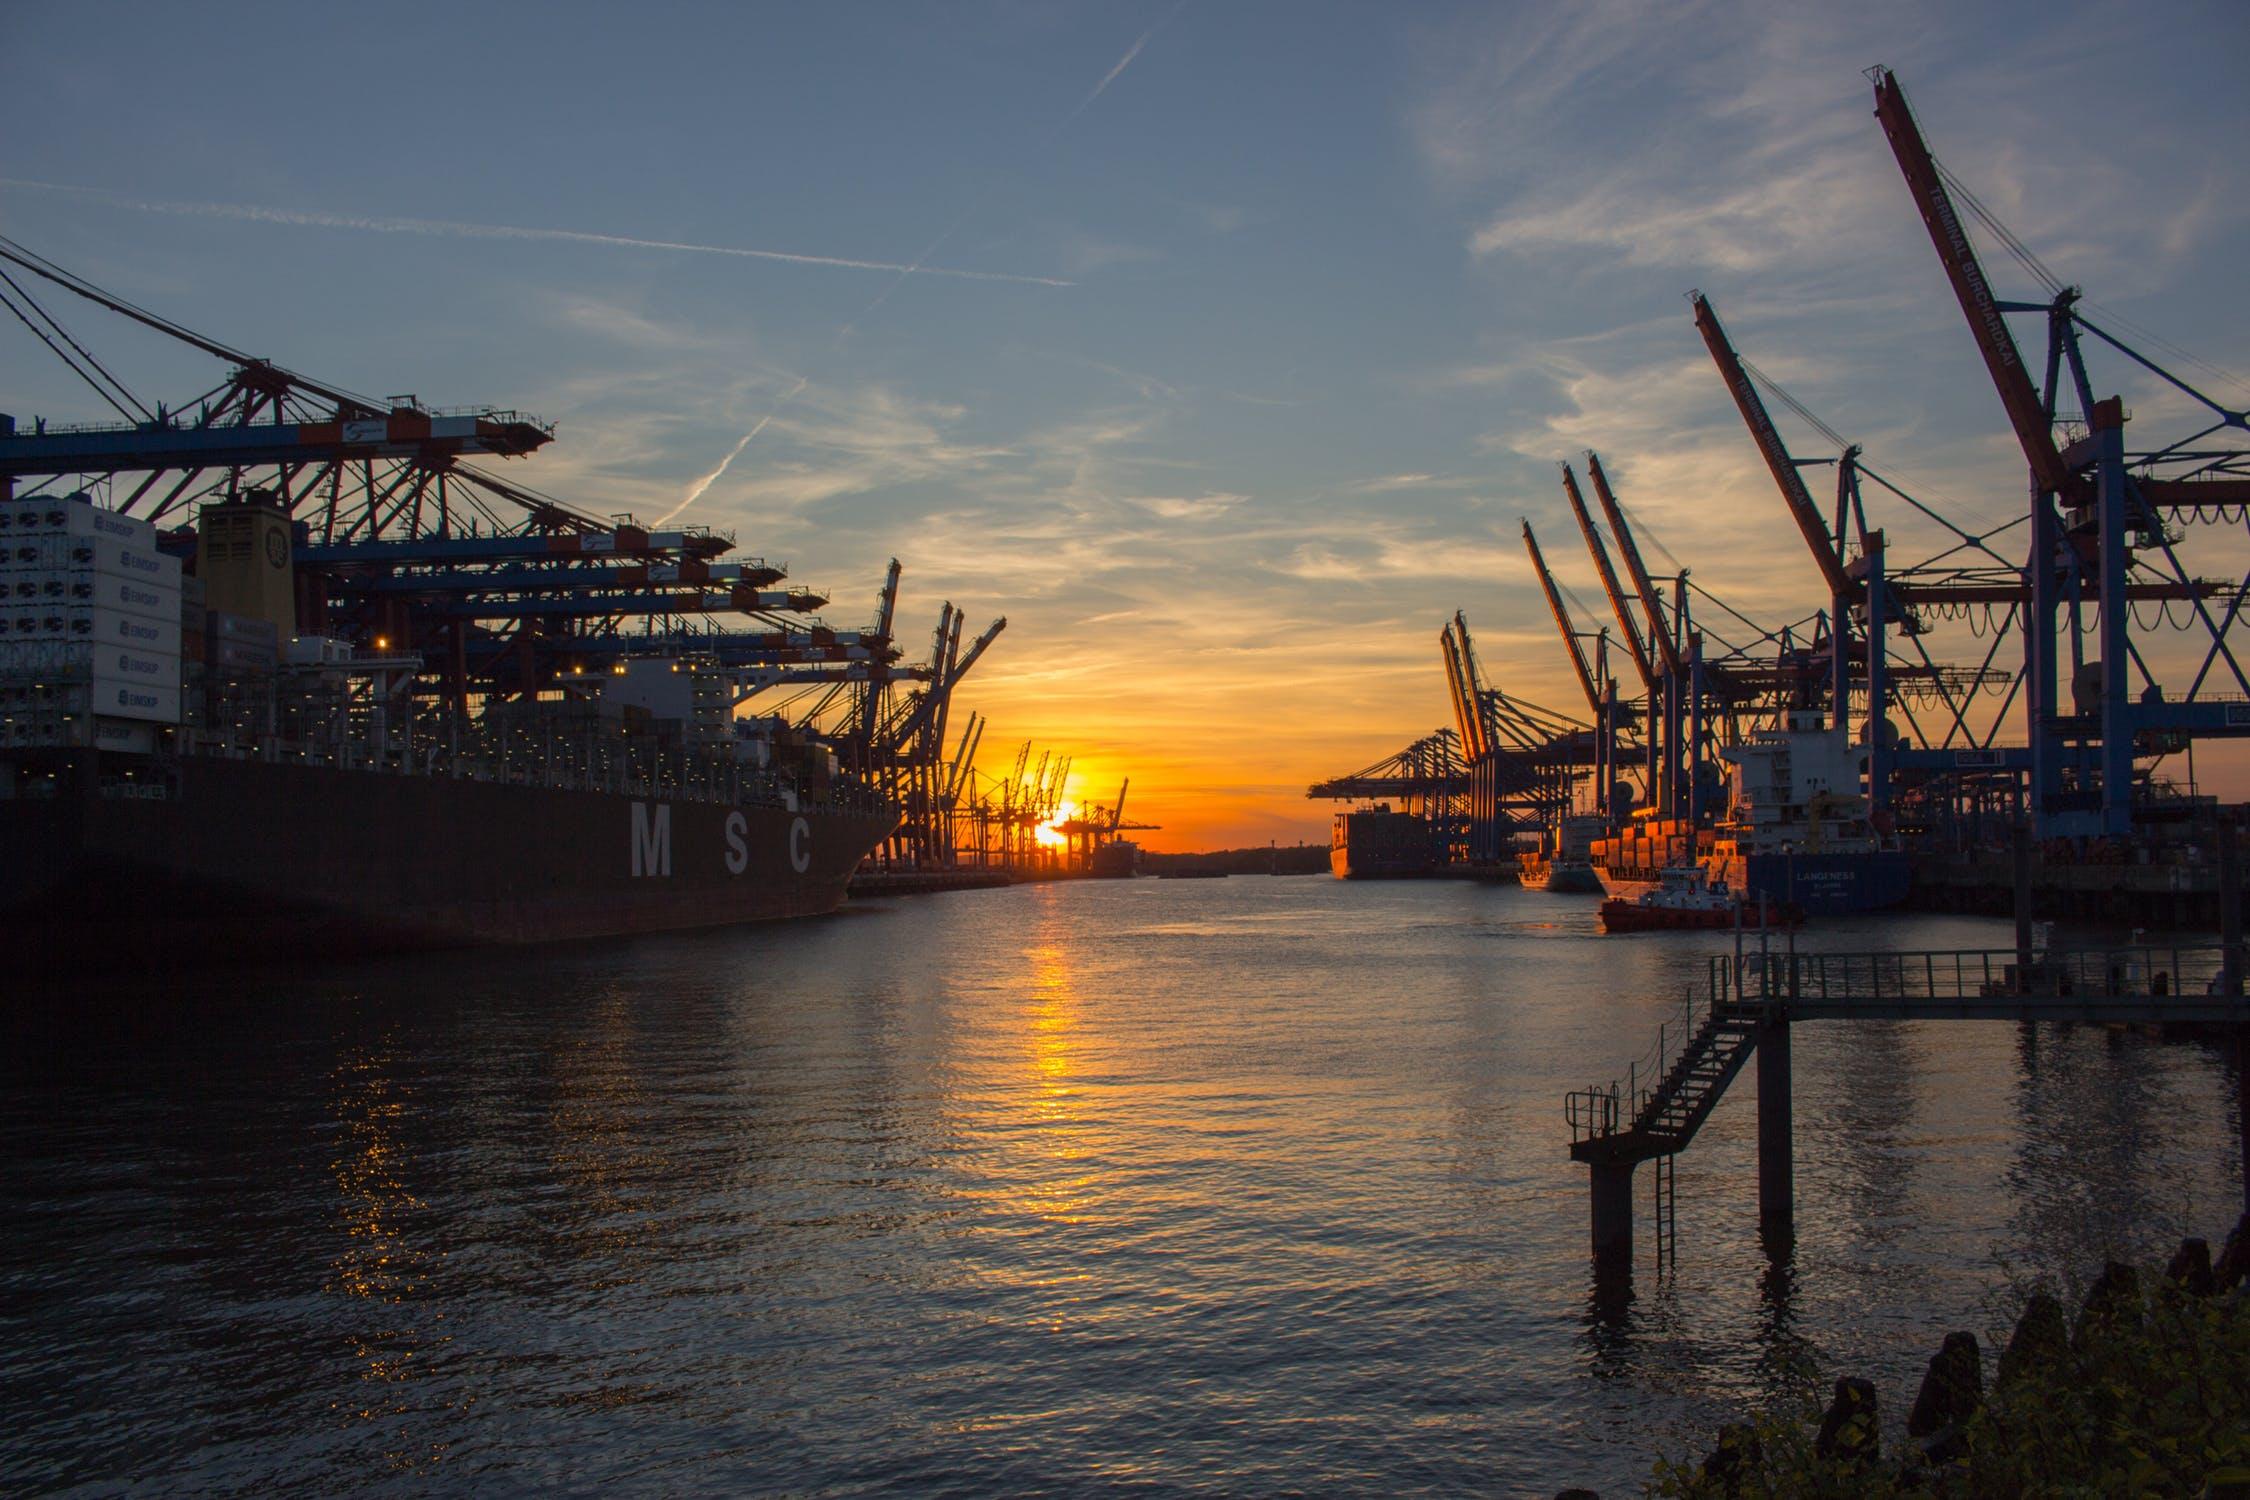 Der Hamburger Hafen bei Abend mit Kränen und einem Containerschiff